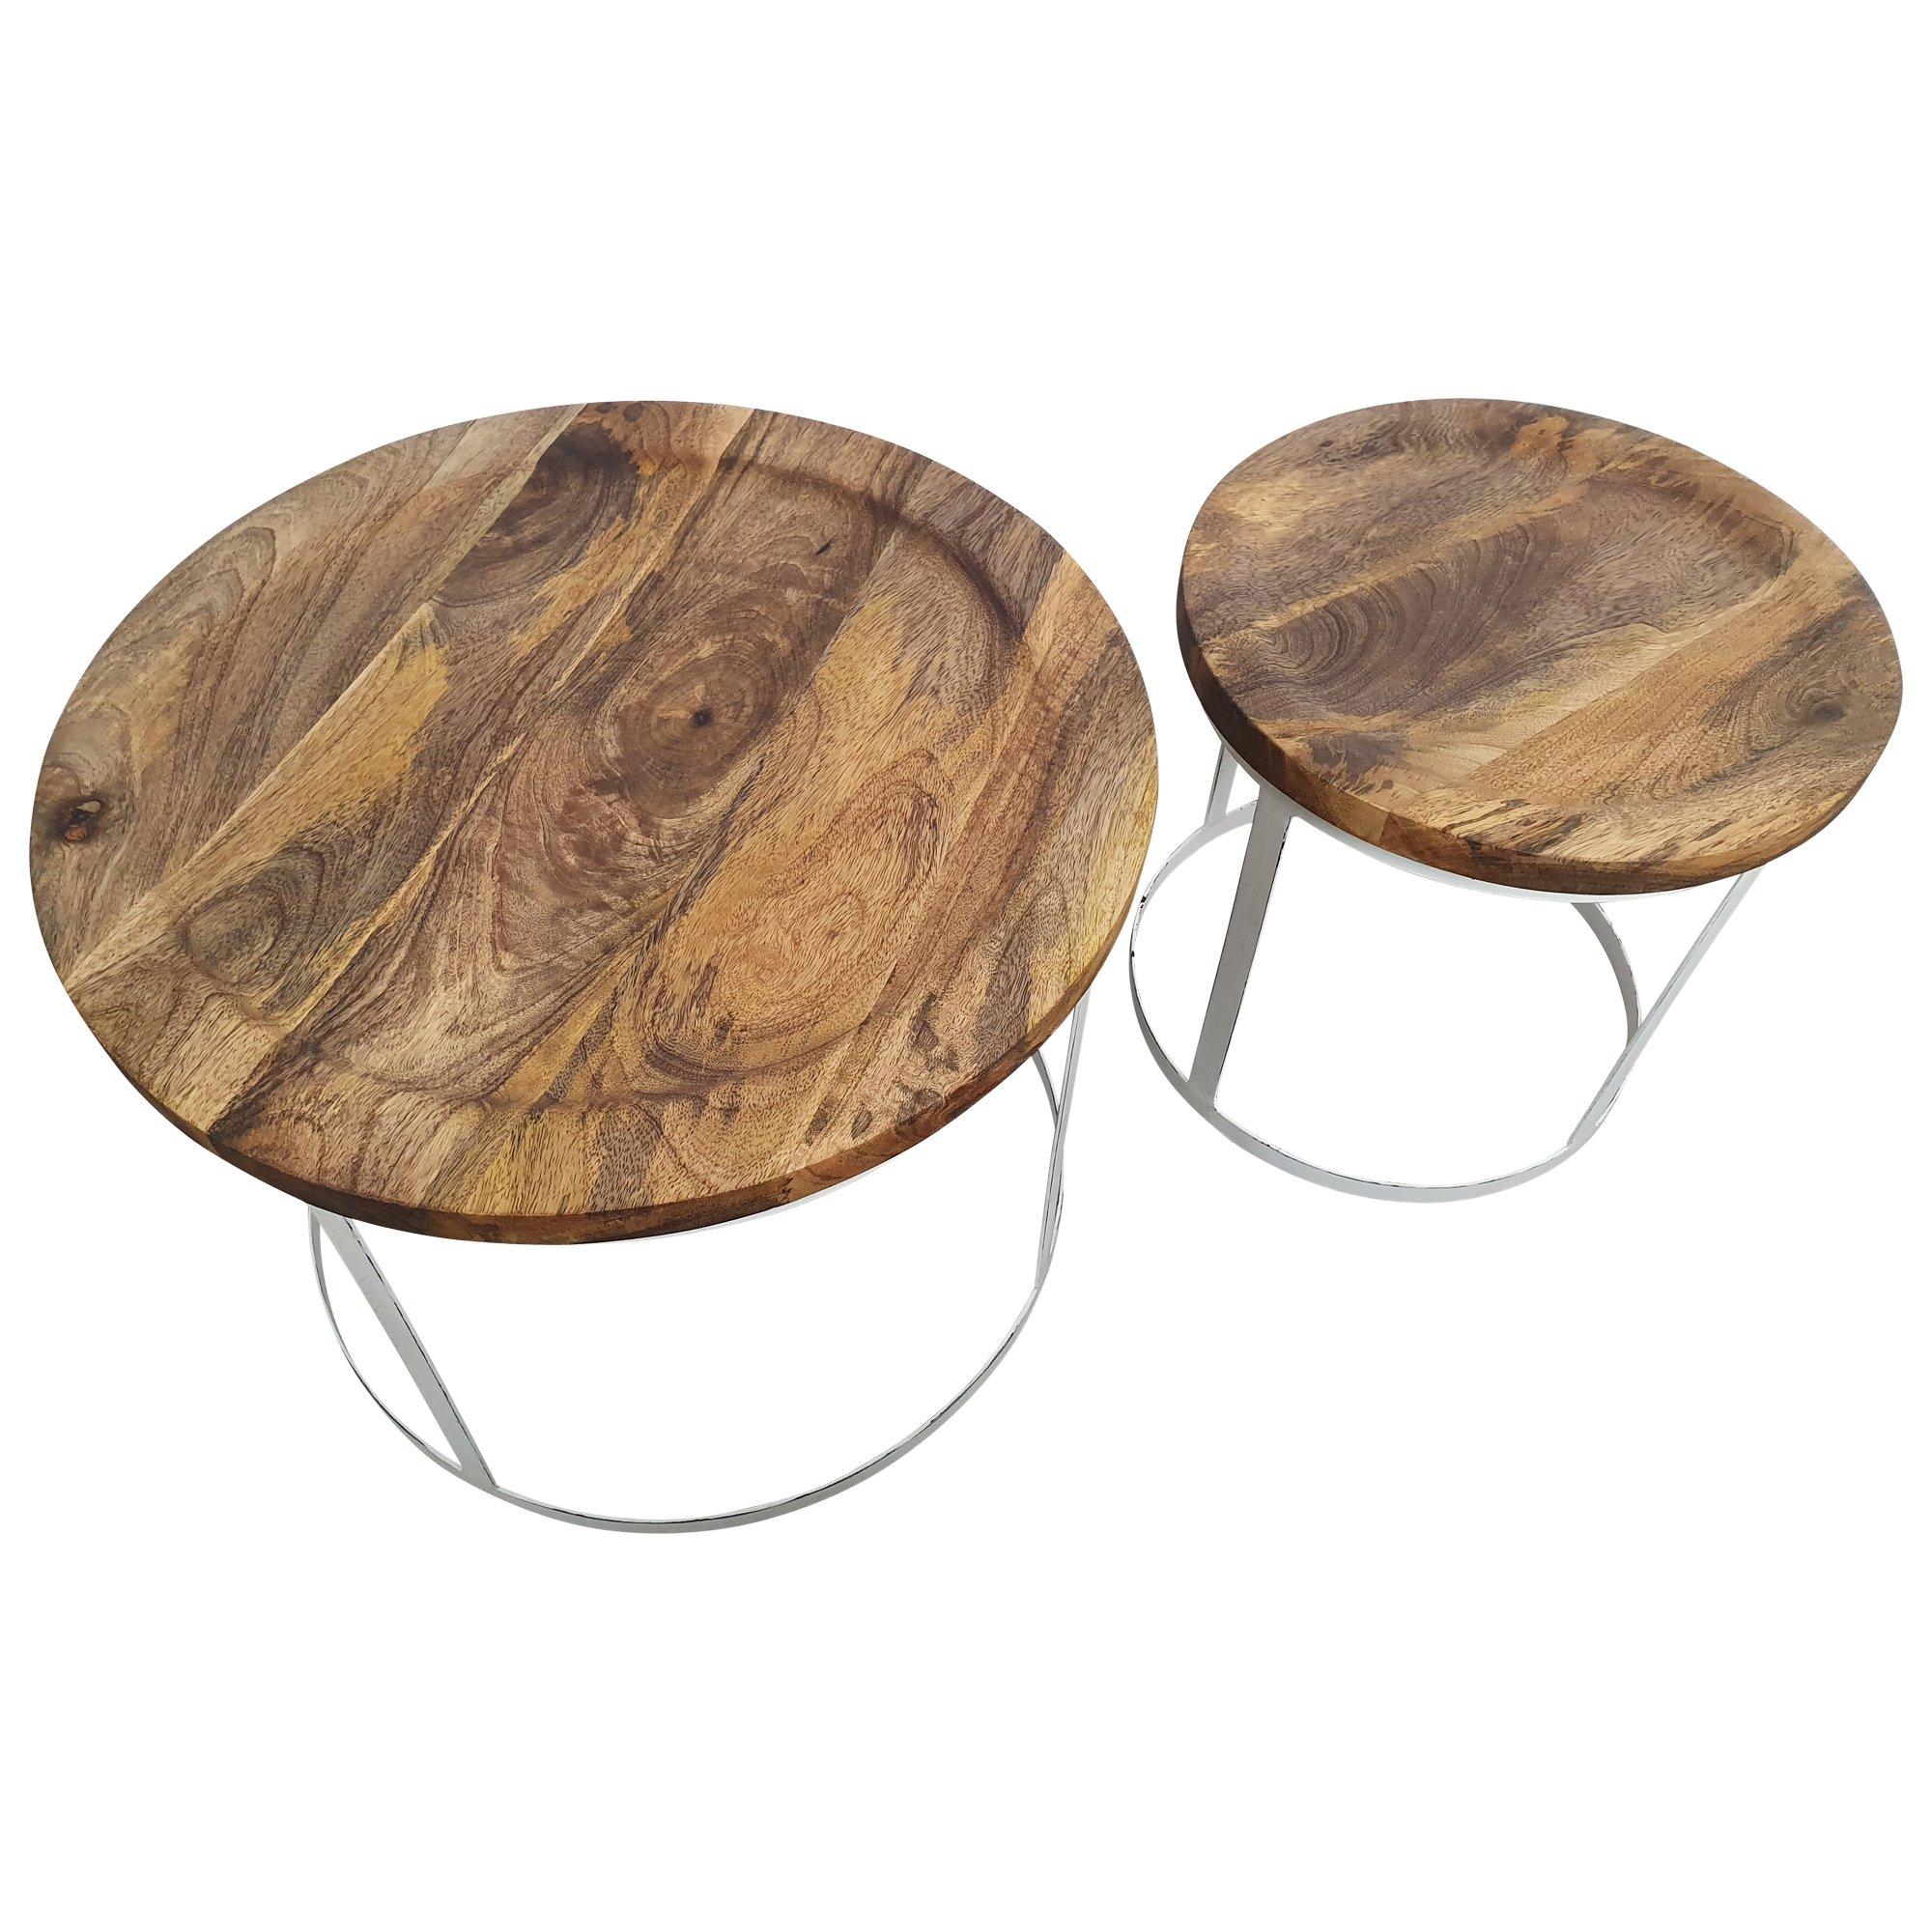 Beistelltisch 2er SET O 55 cm Rund Couchtisch Mango Holz Massiv Moebel Handarbeit 5 1